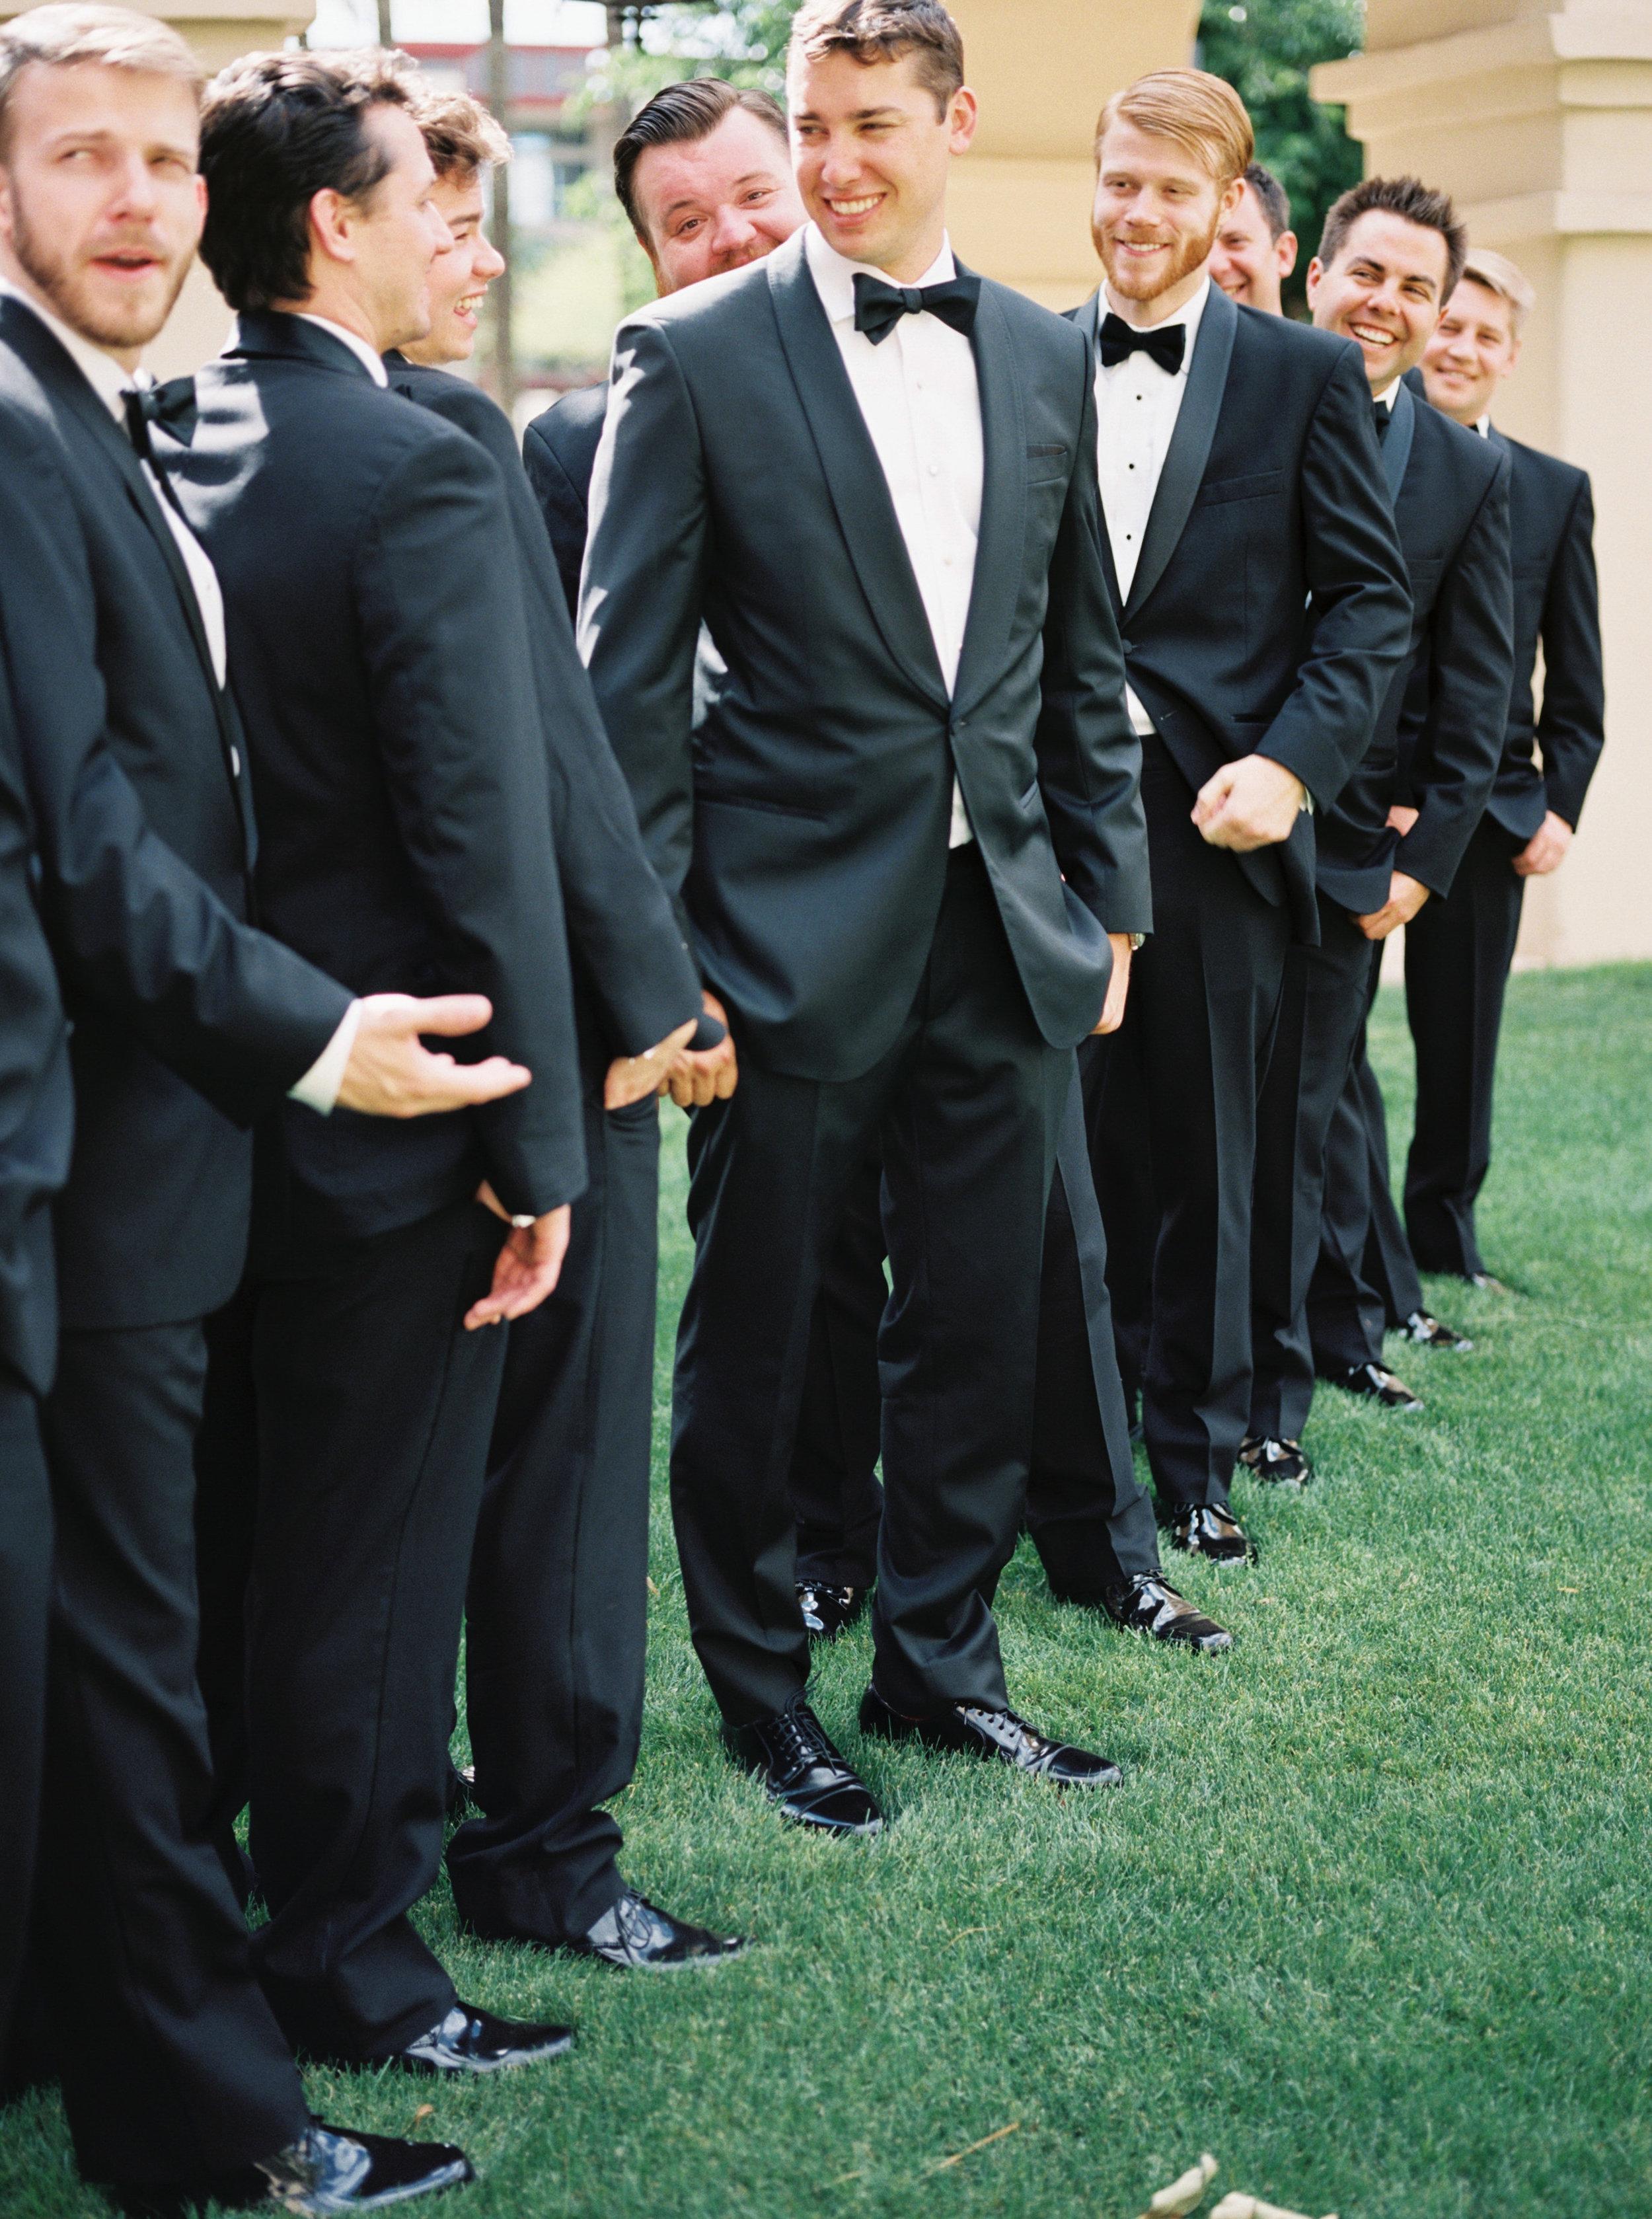 groom details, groomsmen details, bridal party photos, groom tux, groomsmen tux, groom formal attire, groomsmen formal attire